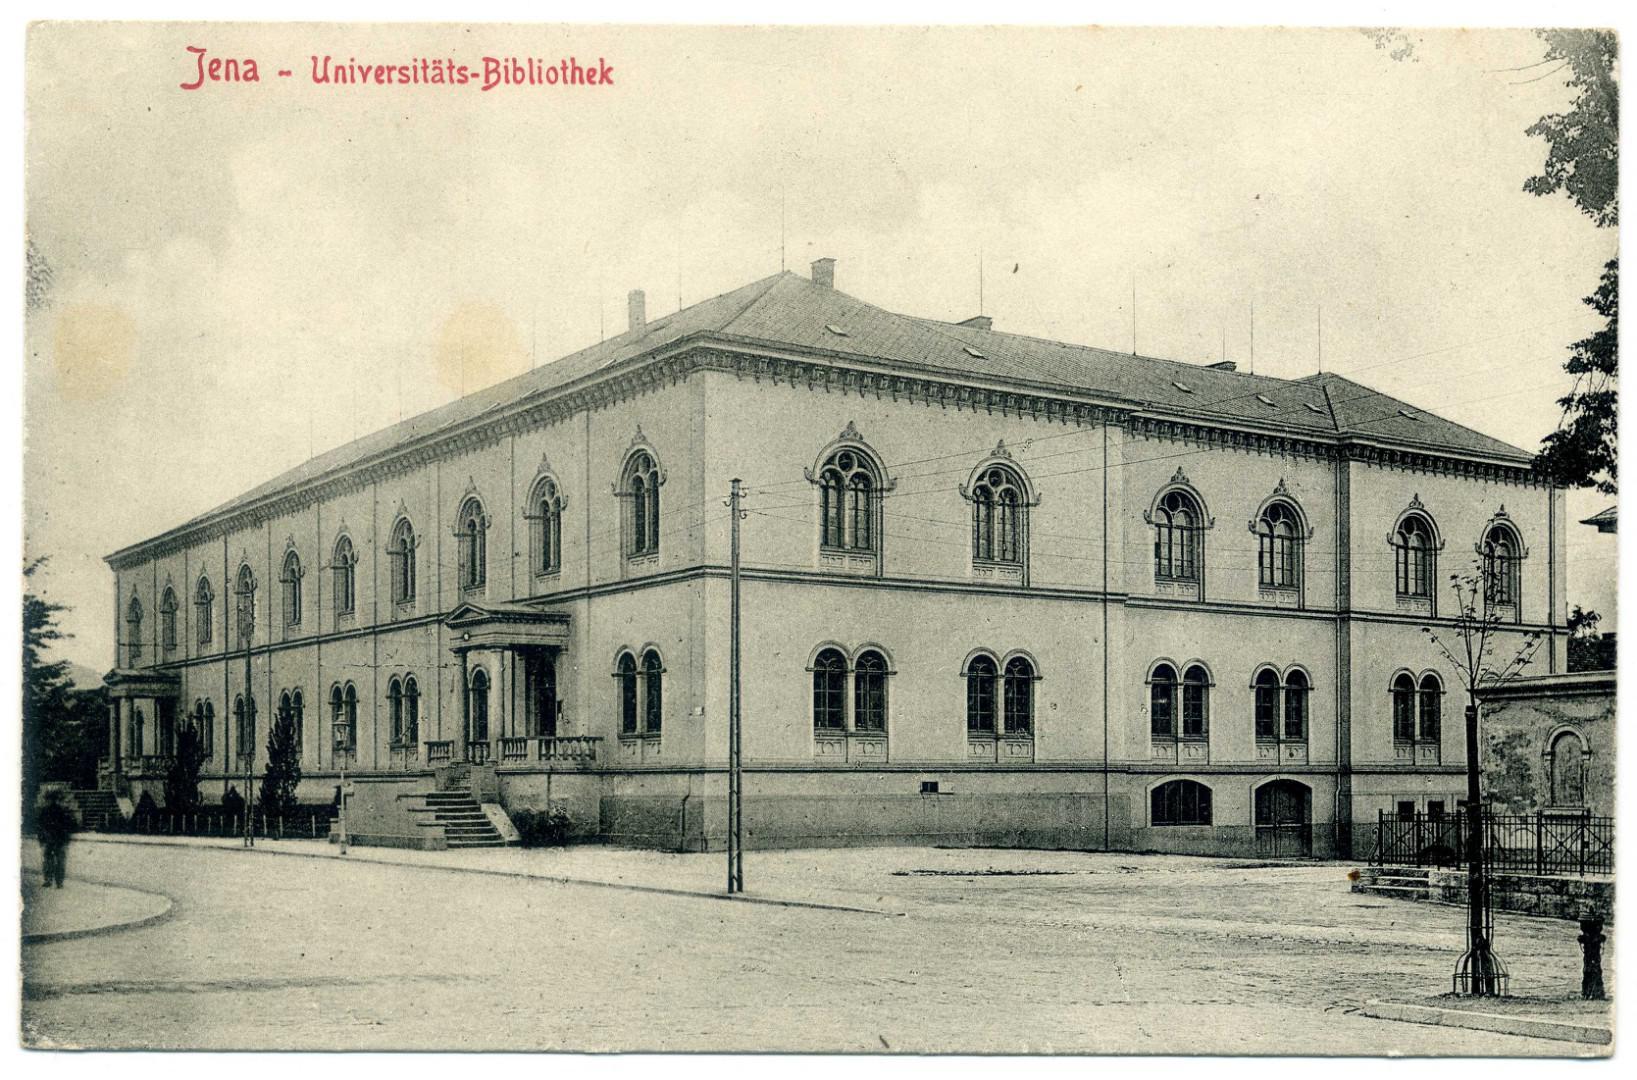 Jena: Universitätsbibliothek